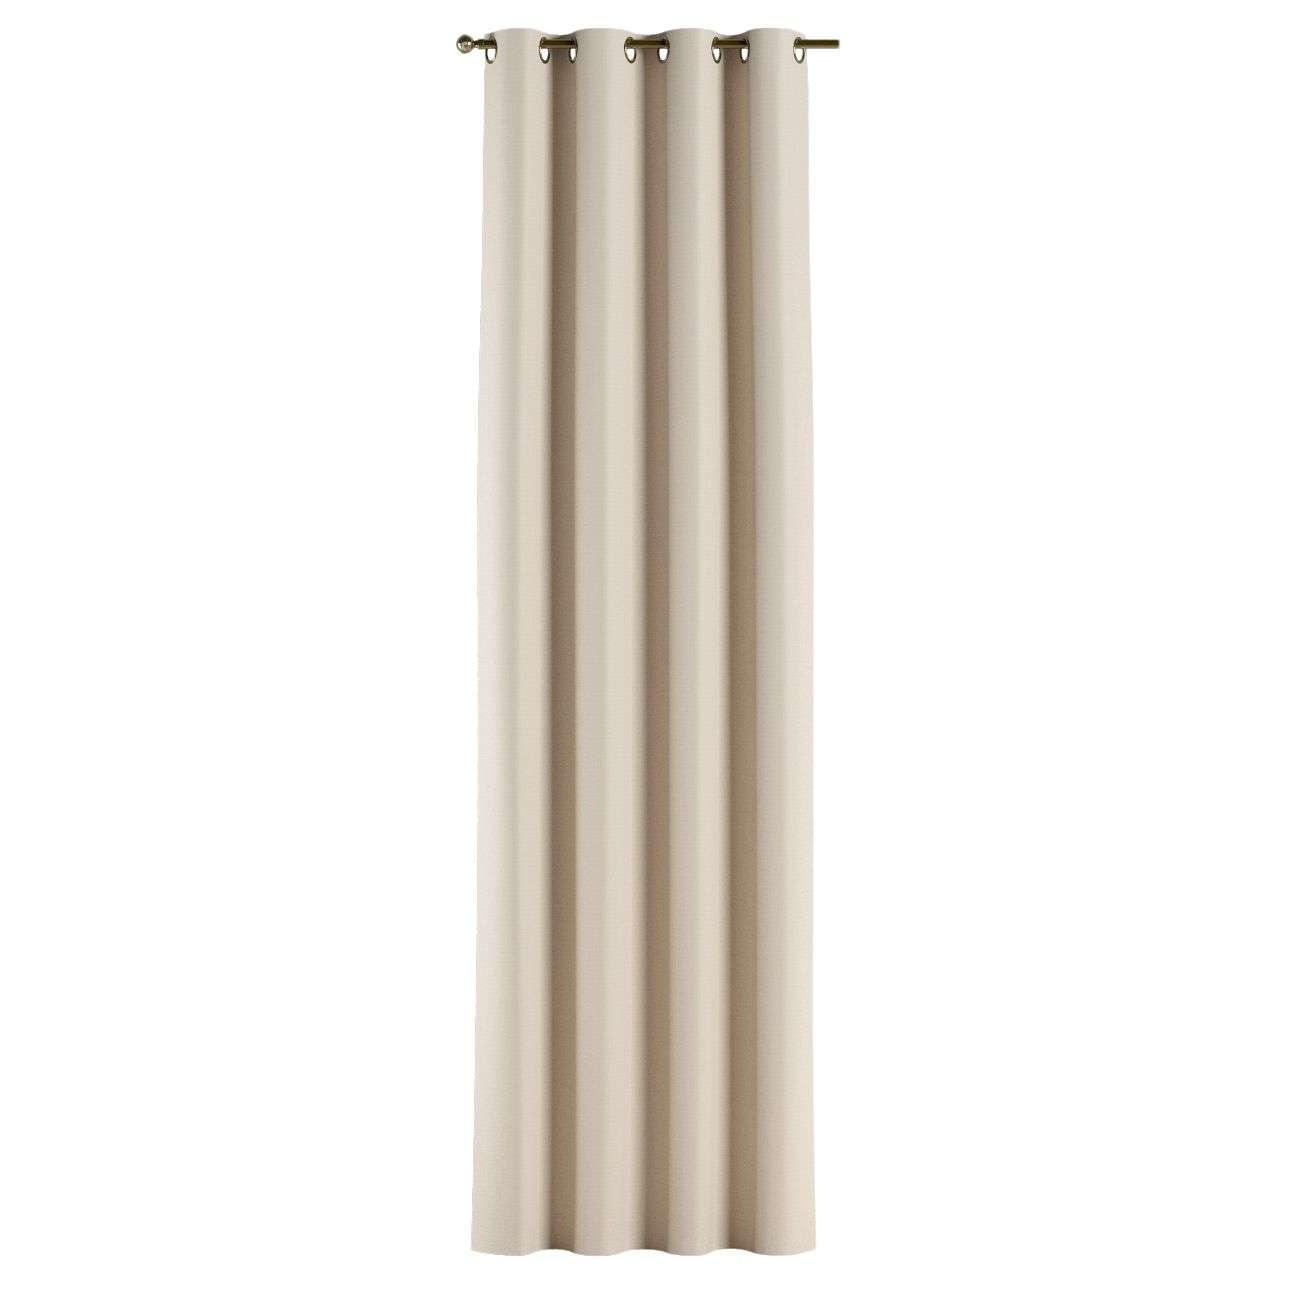 Gardin mørklægning med øskner 140×260 cm fra kollektionen Blackout mørklægning, Stof: 269-66